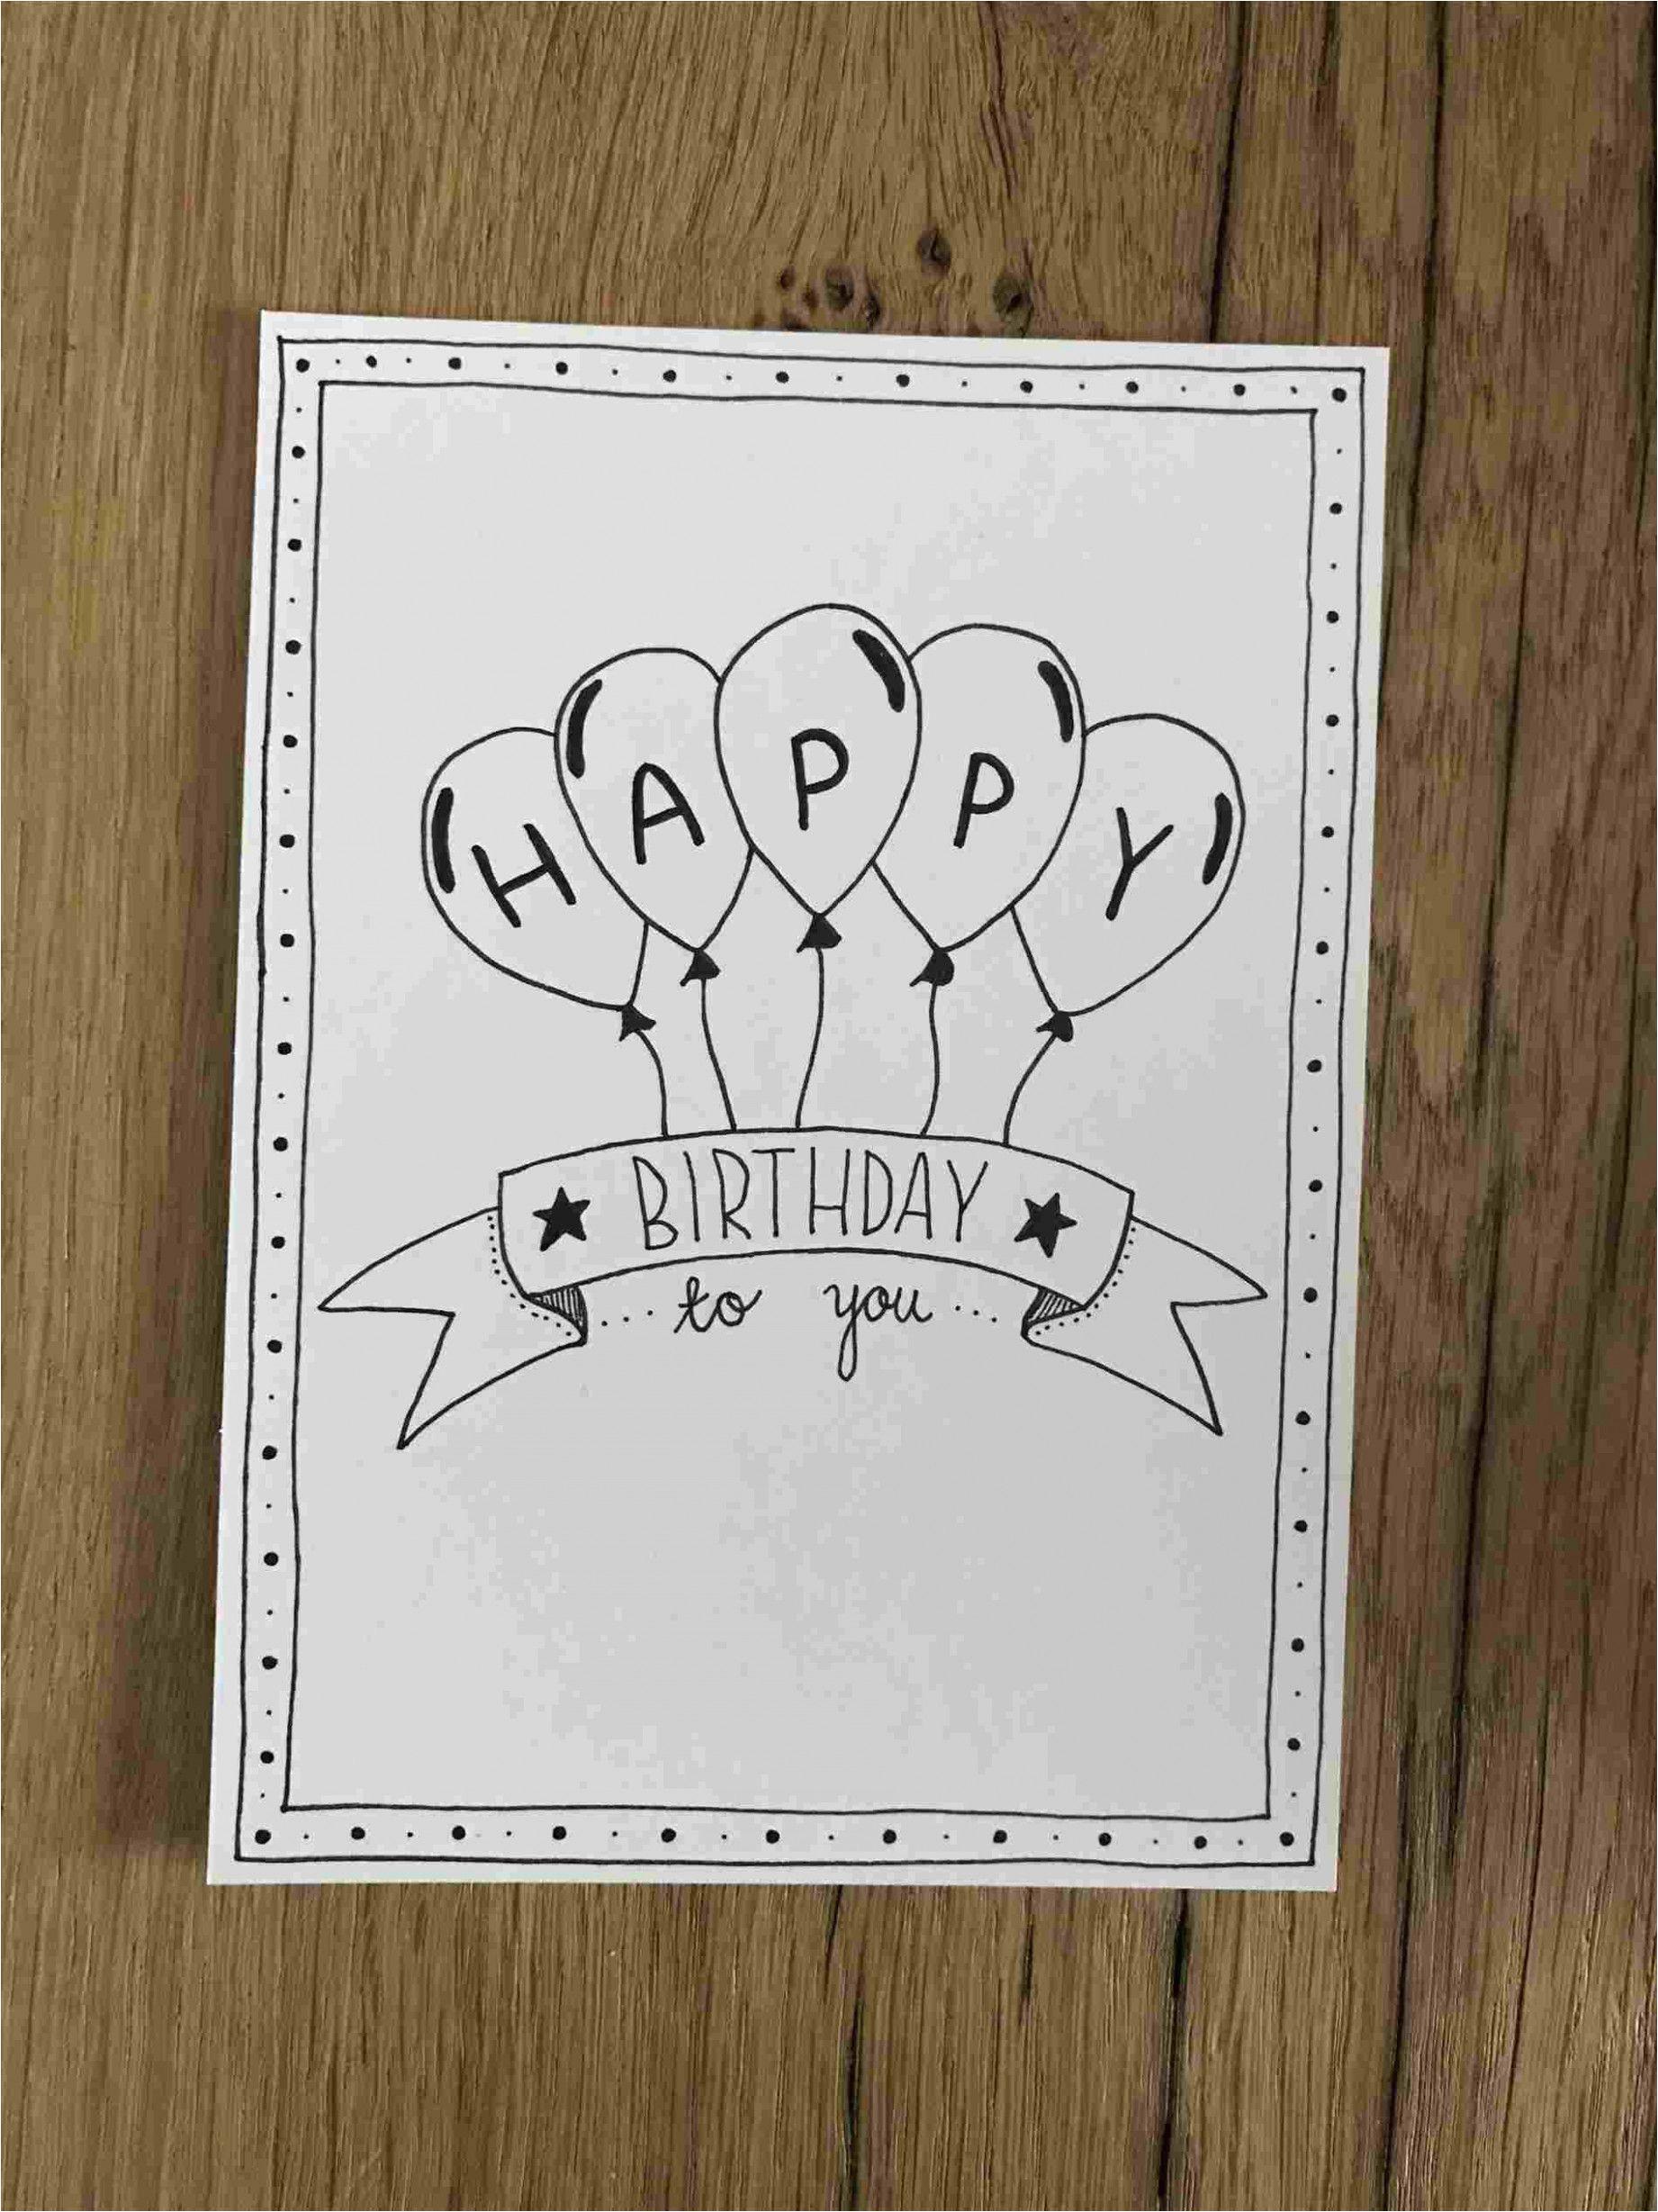 Happy Birthday Card Design Drawing Pin Auf Geburtstagskarten